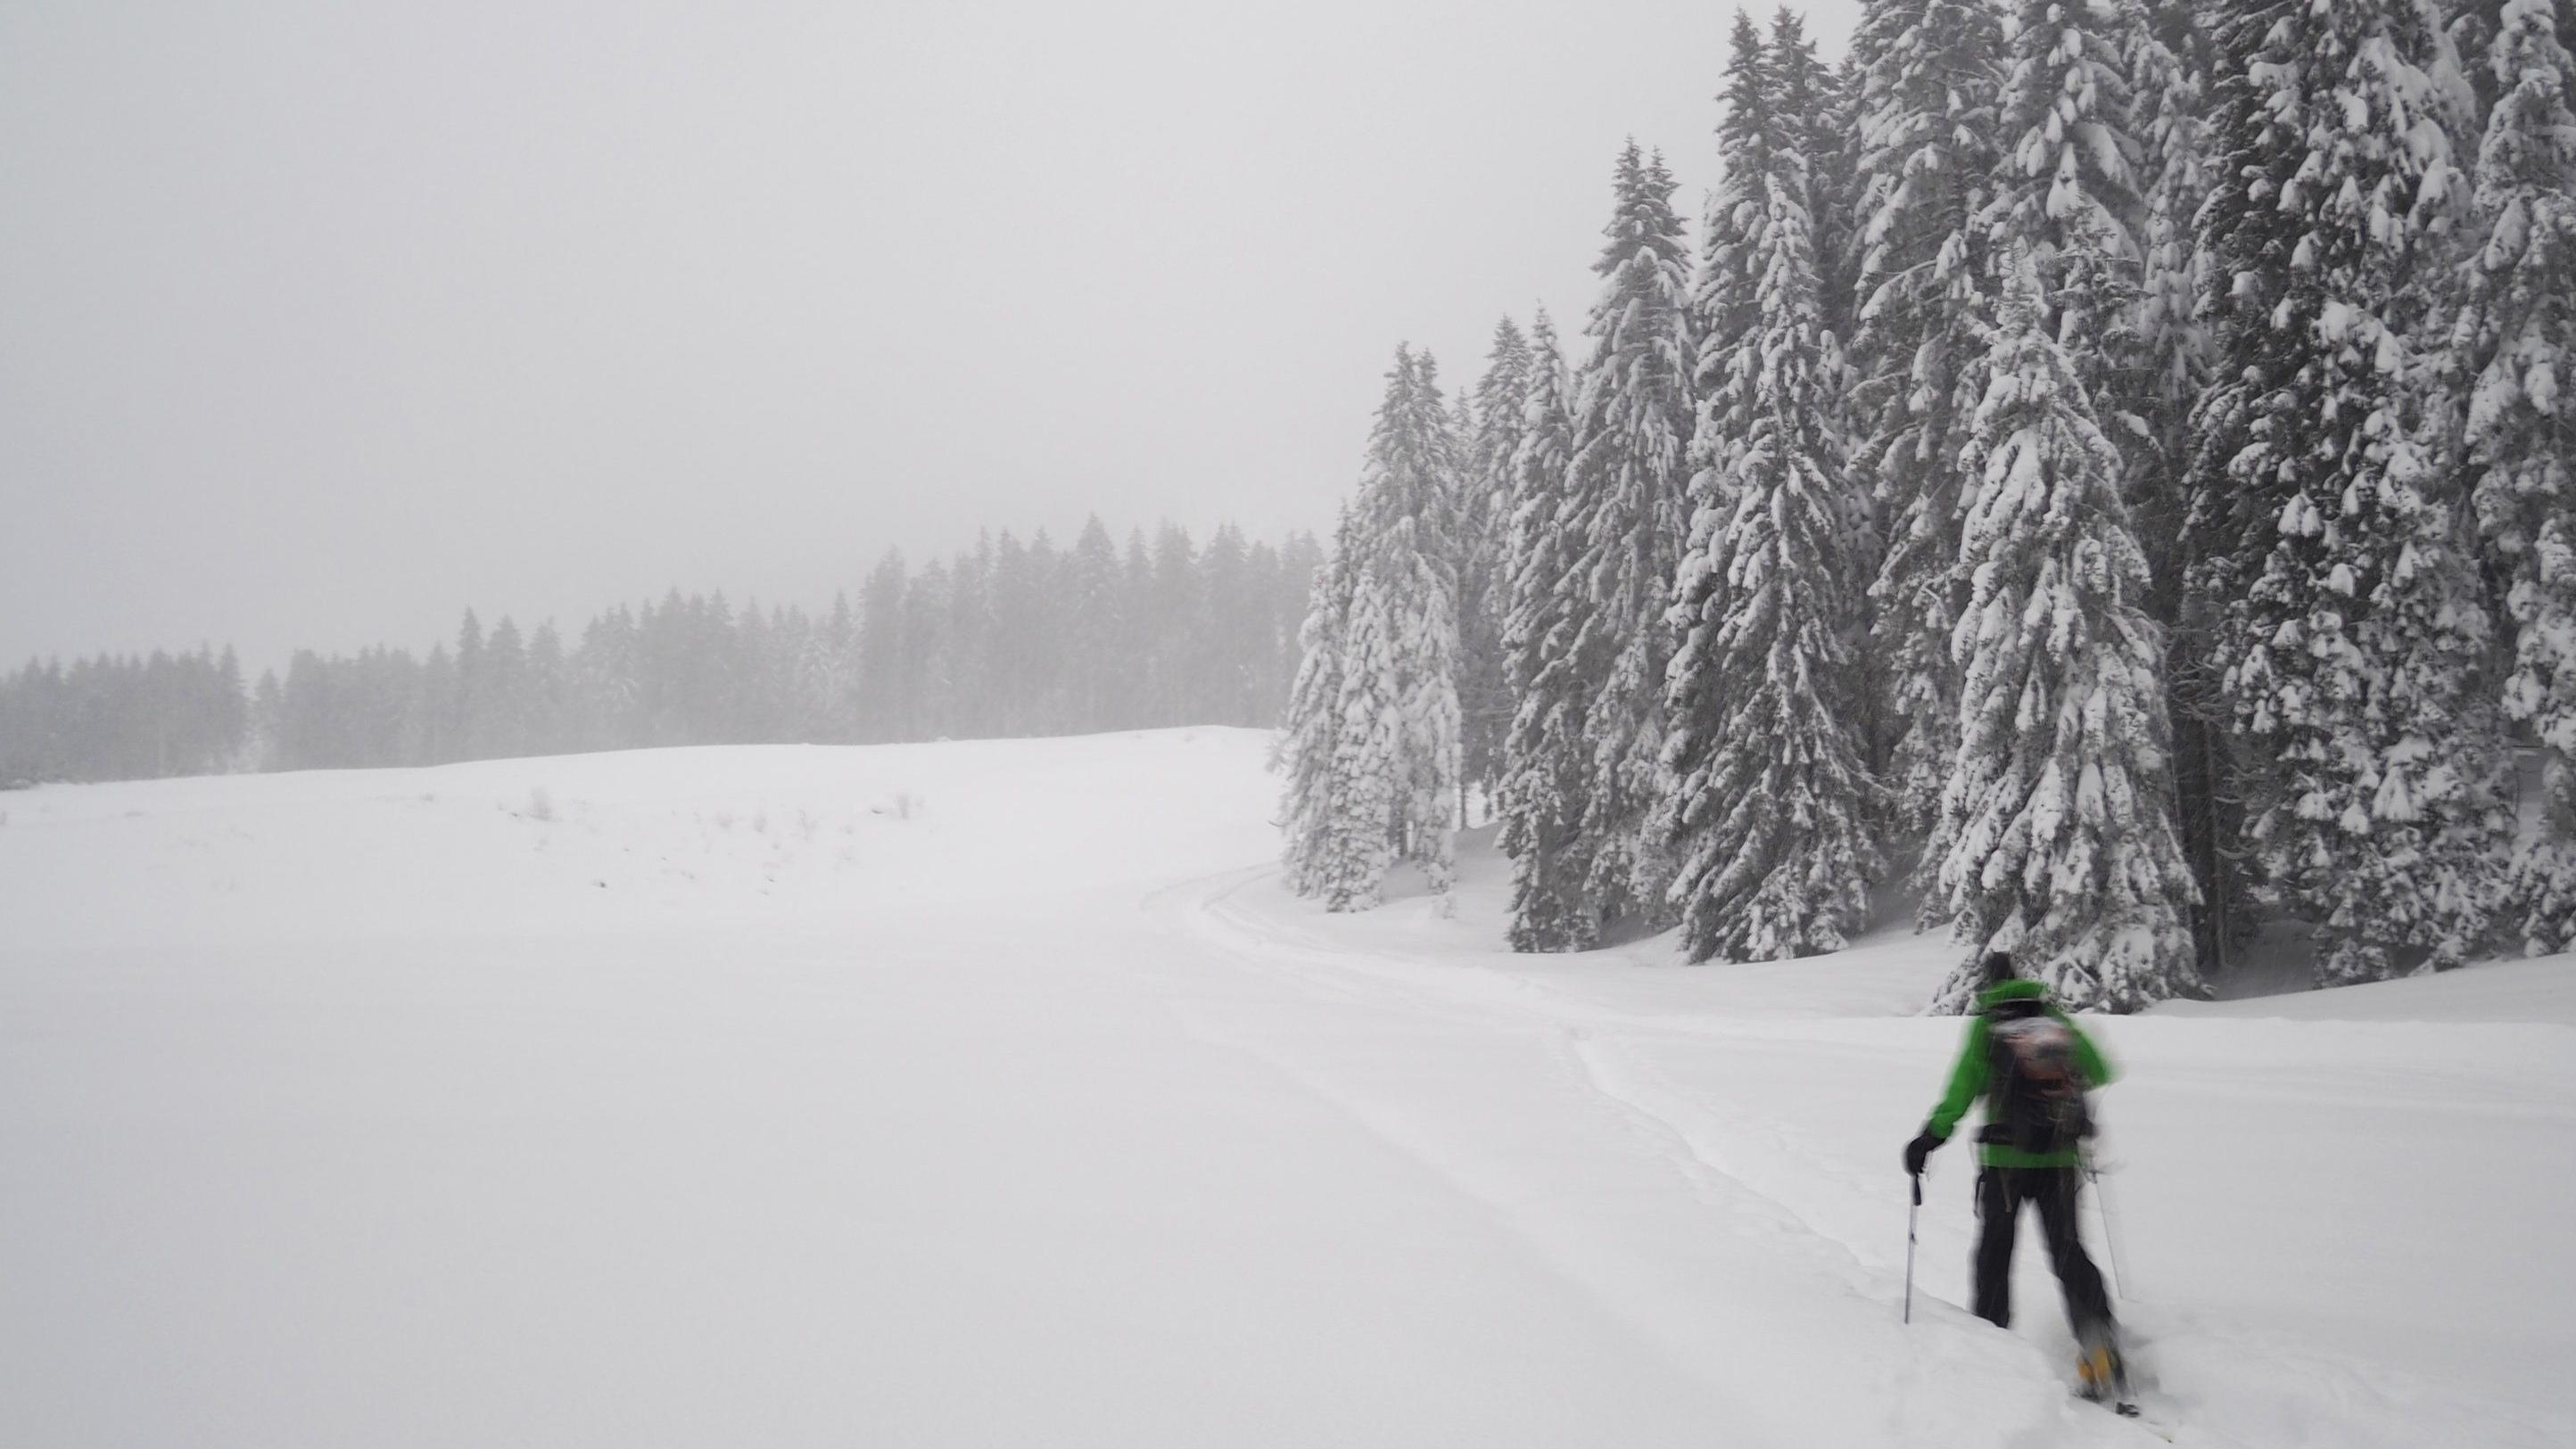 Nach den großen Neuschneemengen in den vergangenen Tagen herrscht Lawinengefahr in den Alpen - es gibt bereits die ersten Todesopfer.